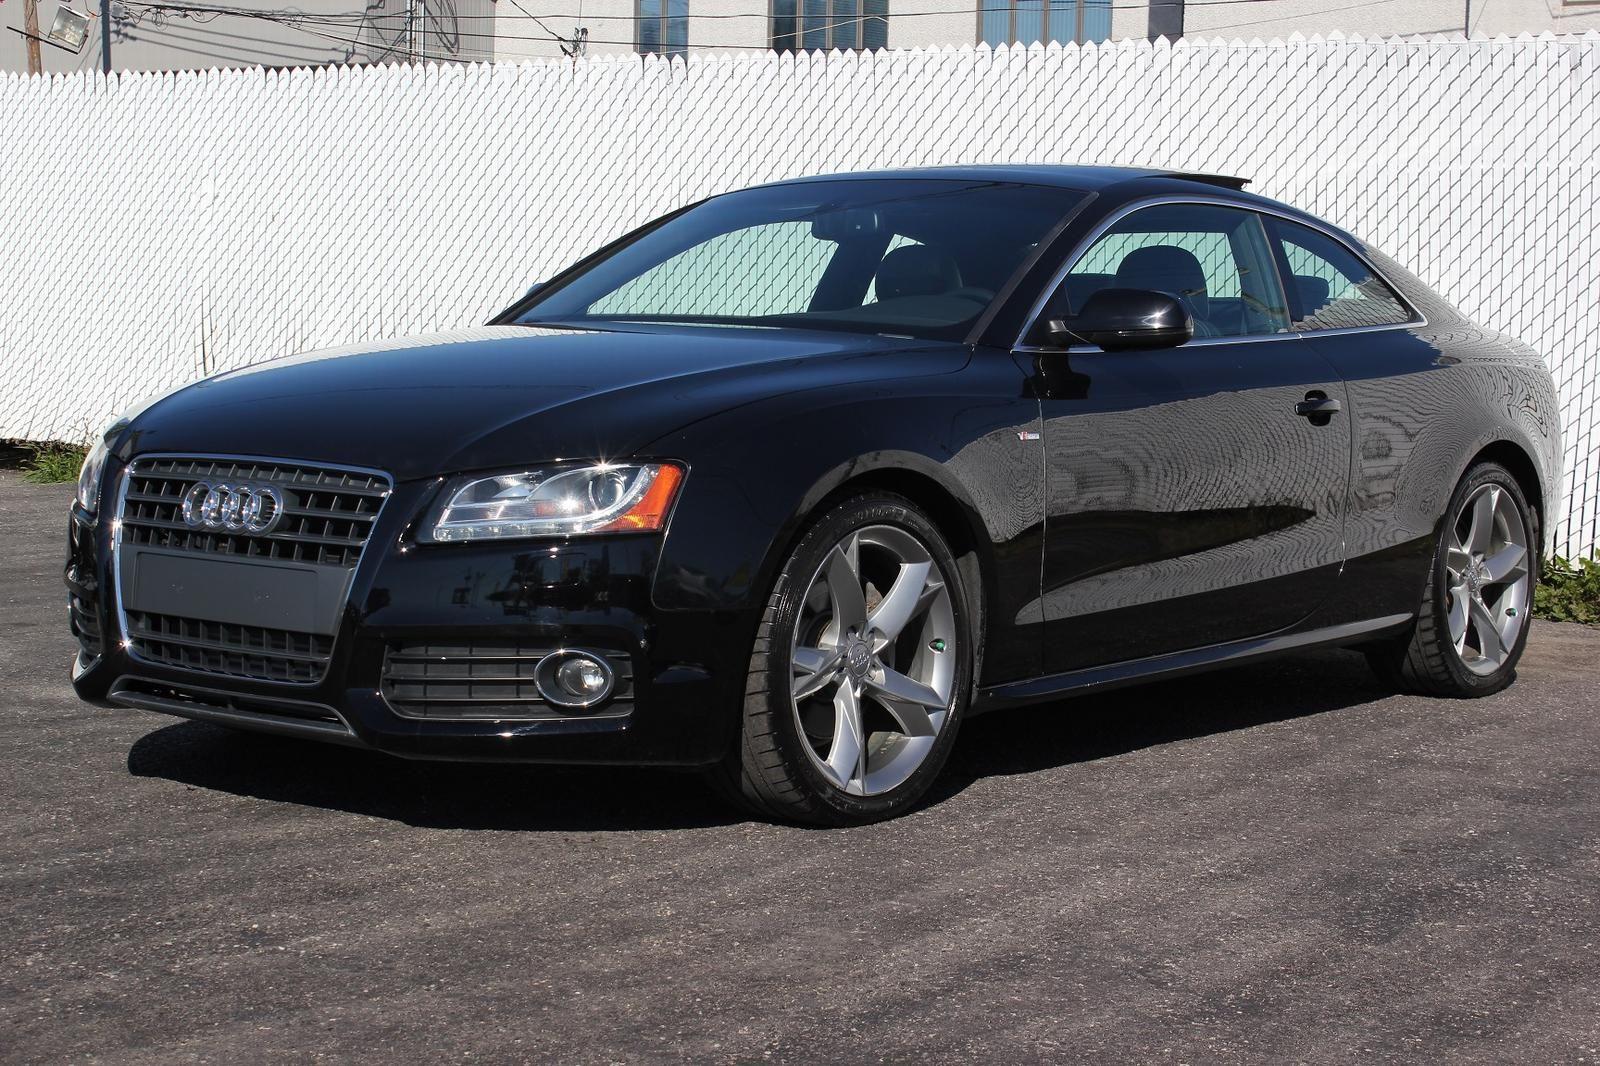 Audi A5 2 0l Premium S Line 2012 29990 Laval Sélection Auto Direct Audi A5 Audi Automobile